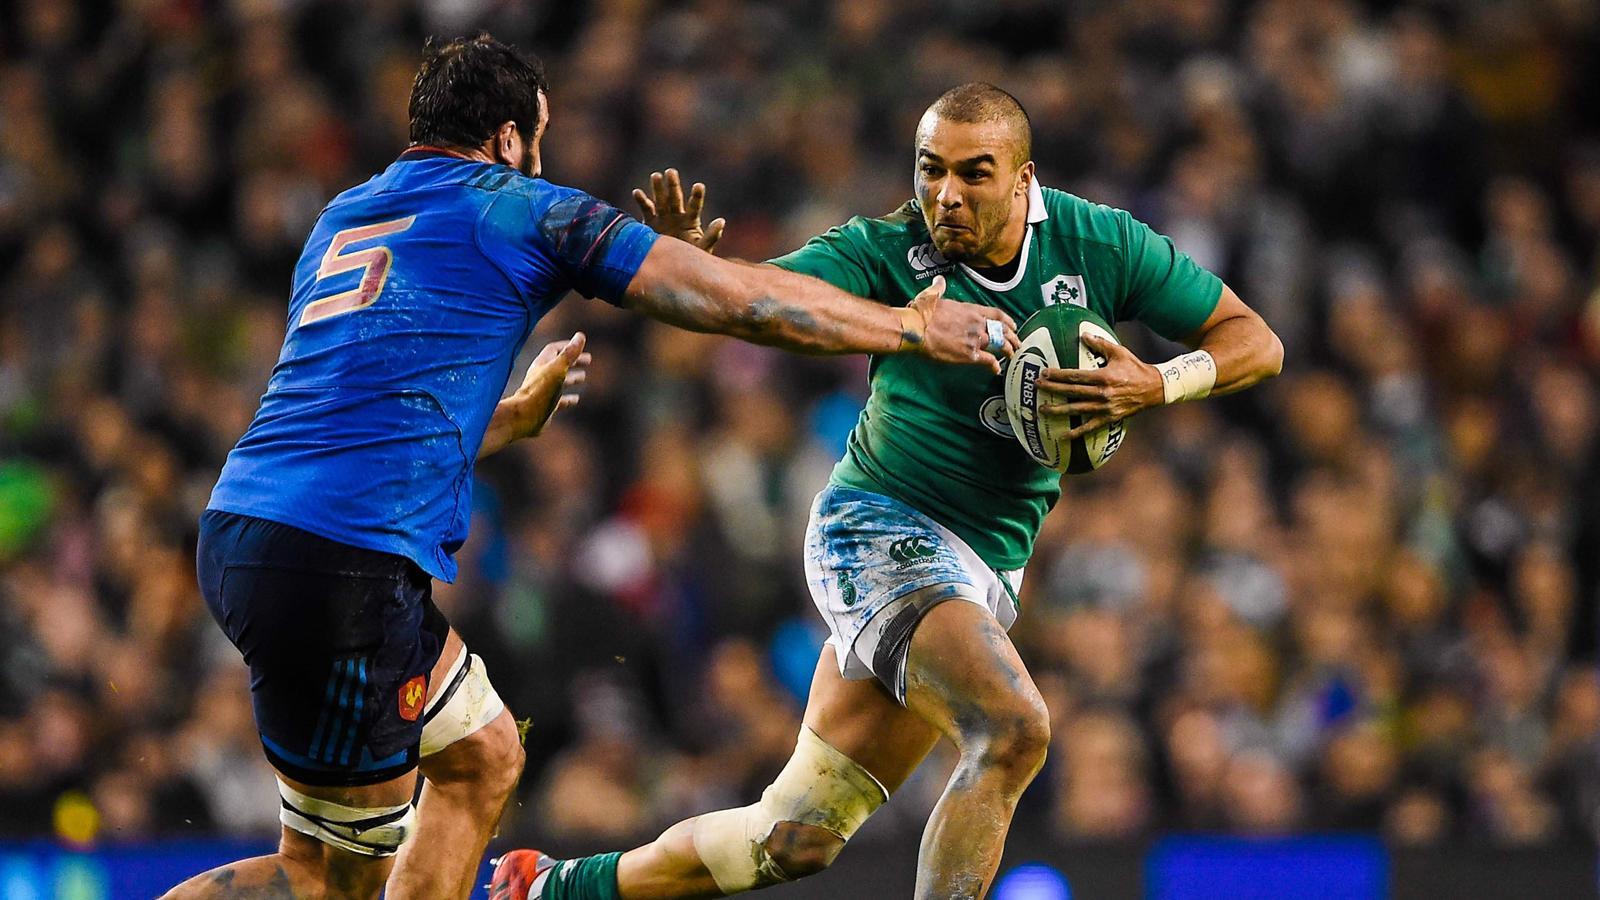 Tournoi des 6 nations 2015 irlande france 18 11 le xv de france a r agi bien trop tard 6 - Coupe des 6 nations 2015 ...